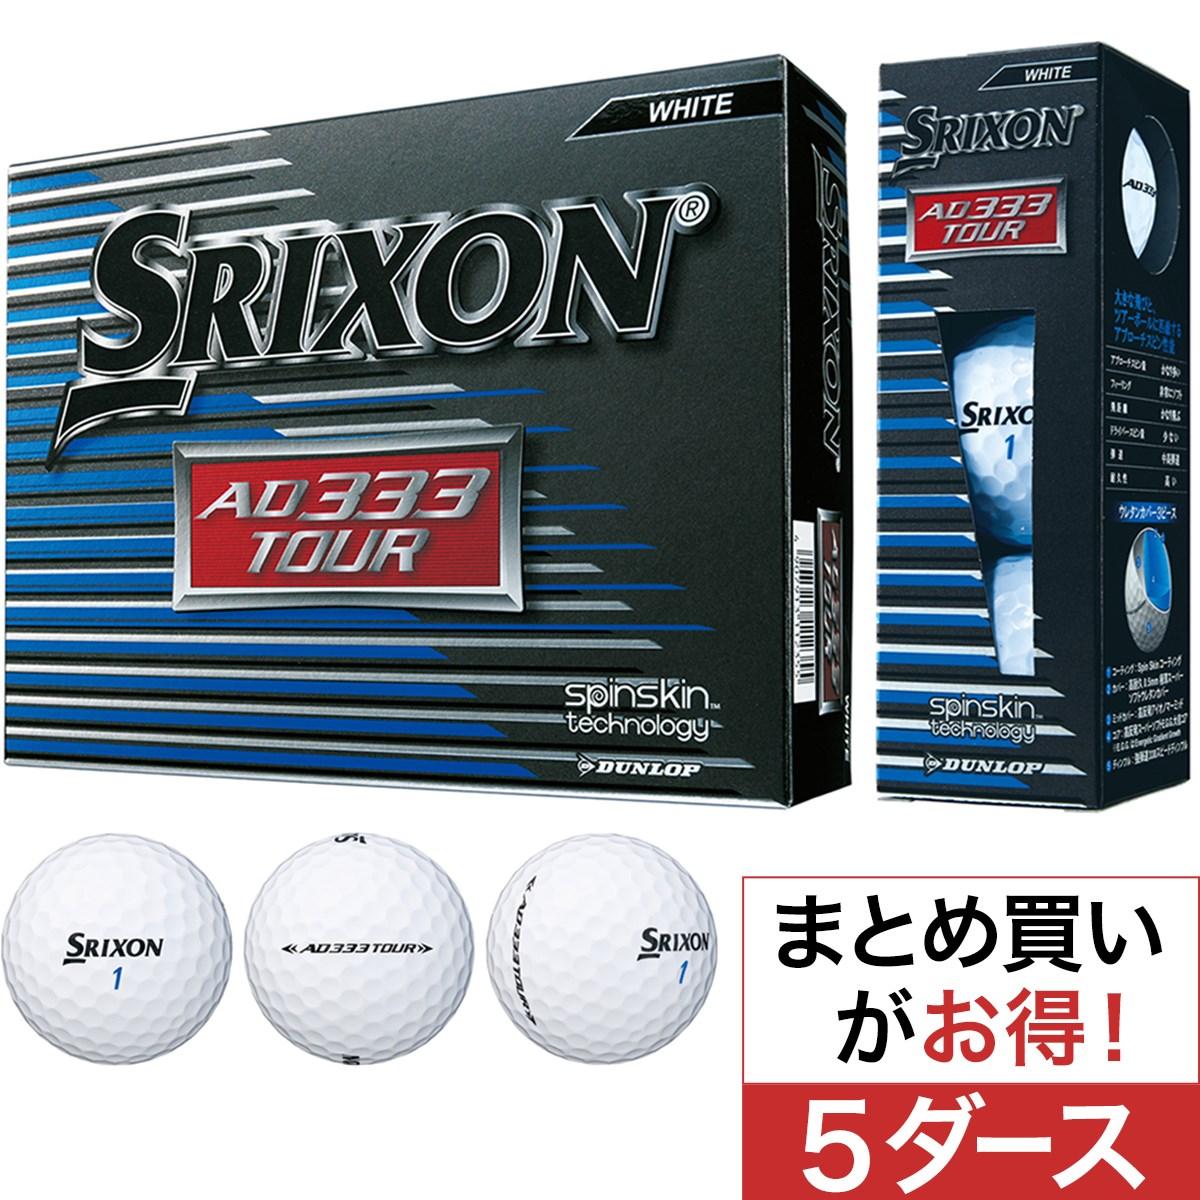 ダンロップ(DUNLOP) スリクソン AD333 TOUR ボール 5ダースセット